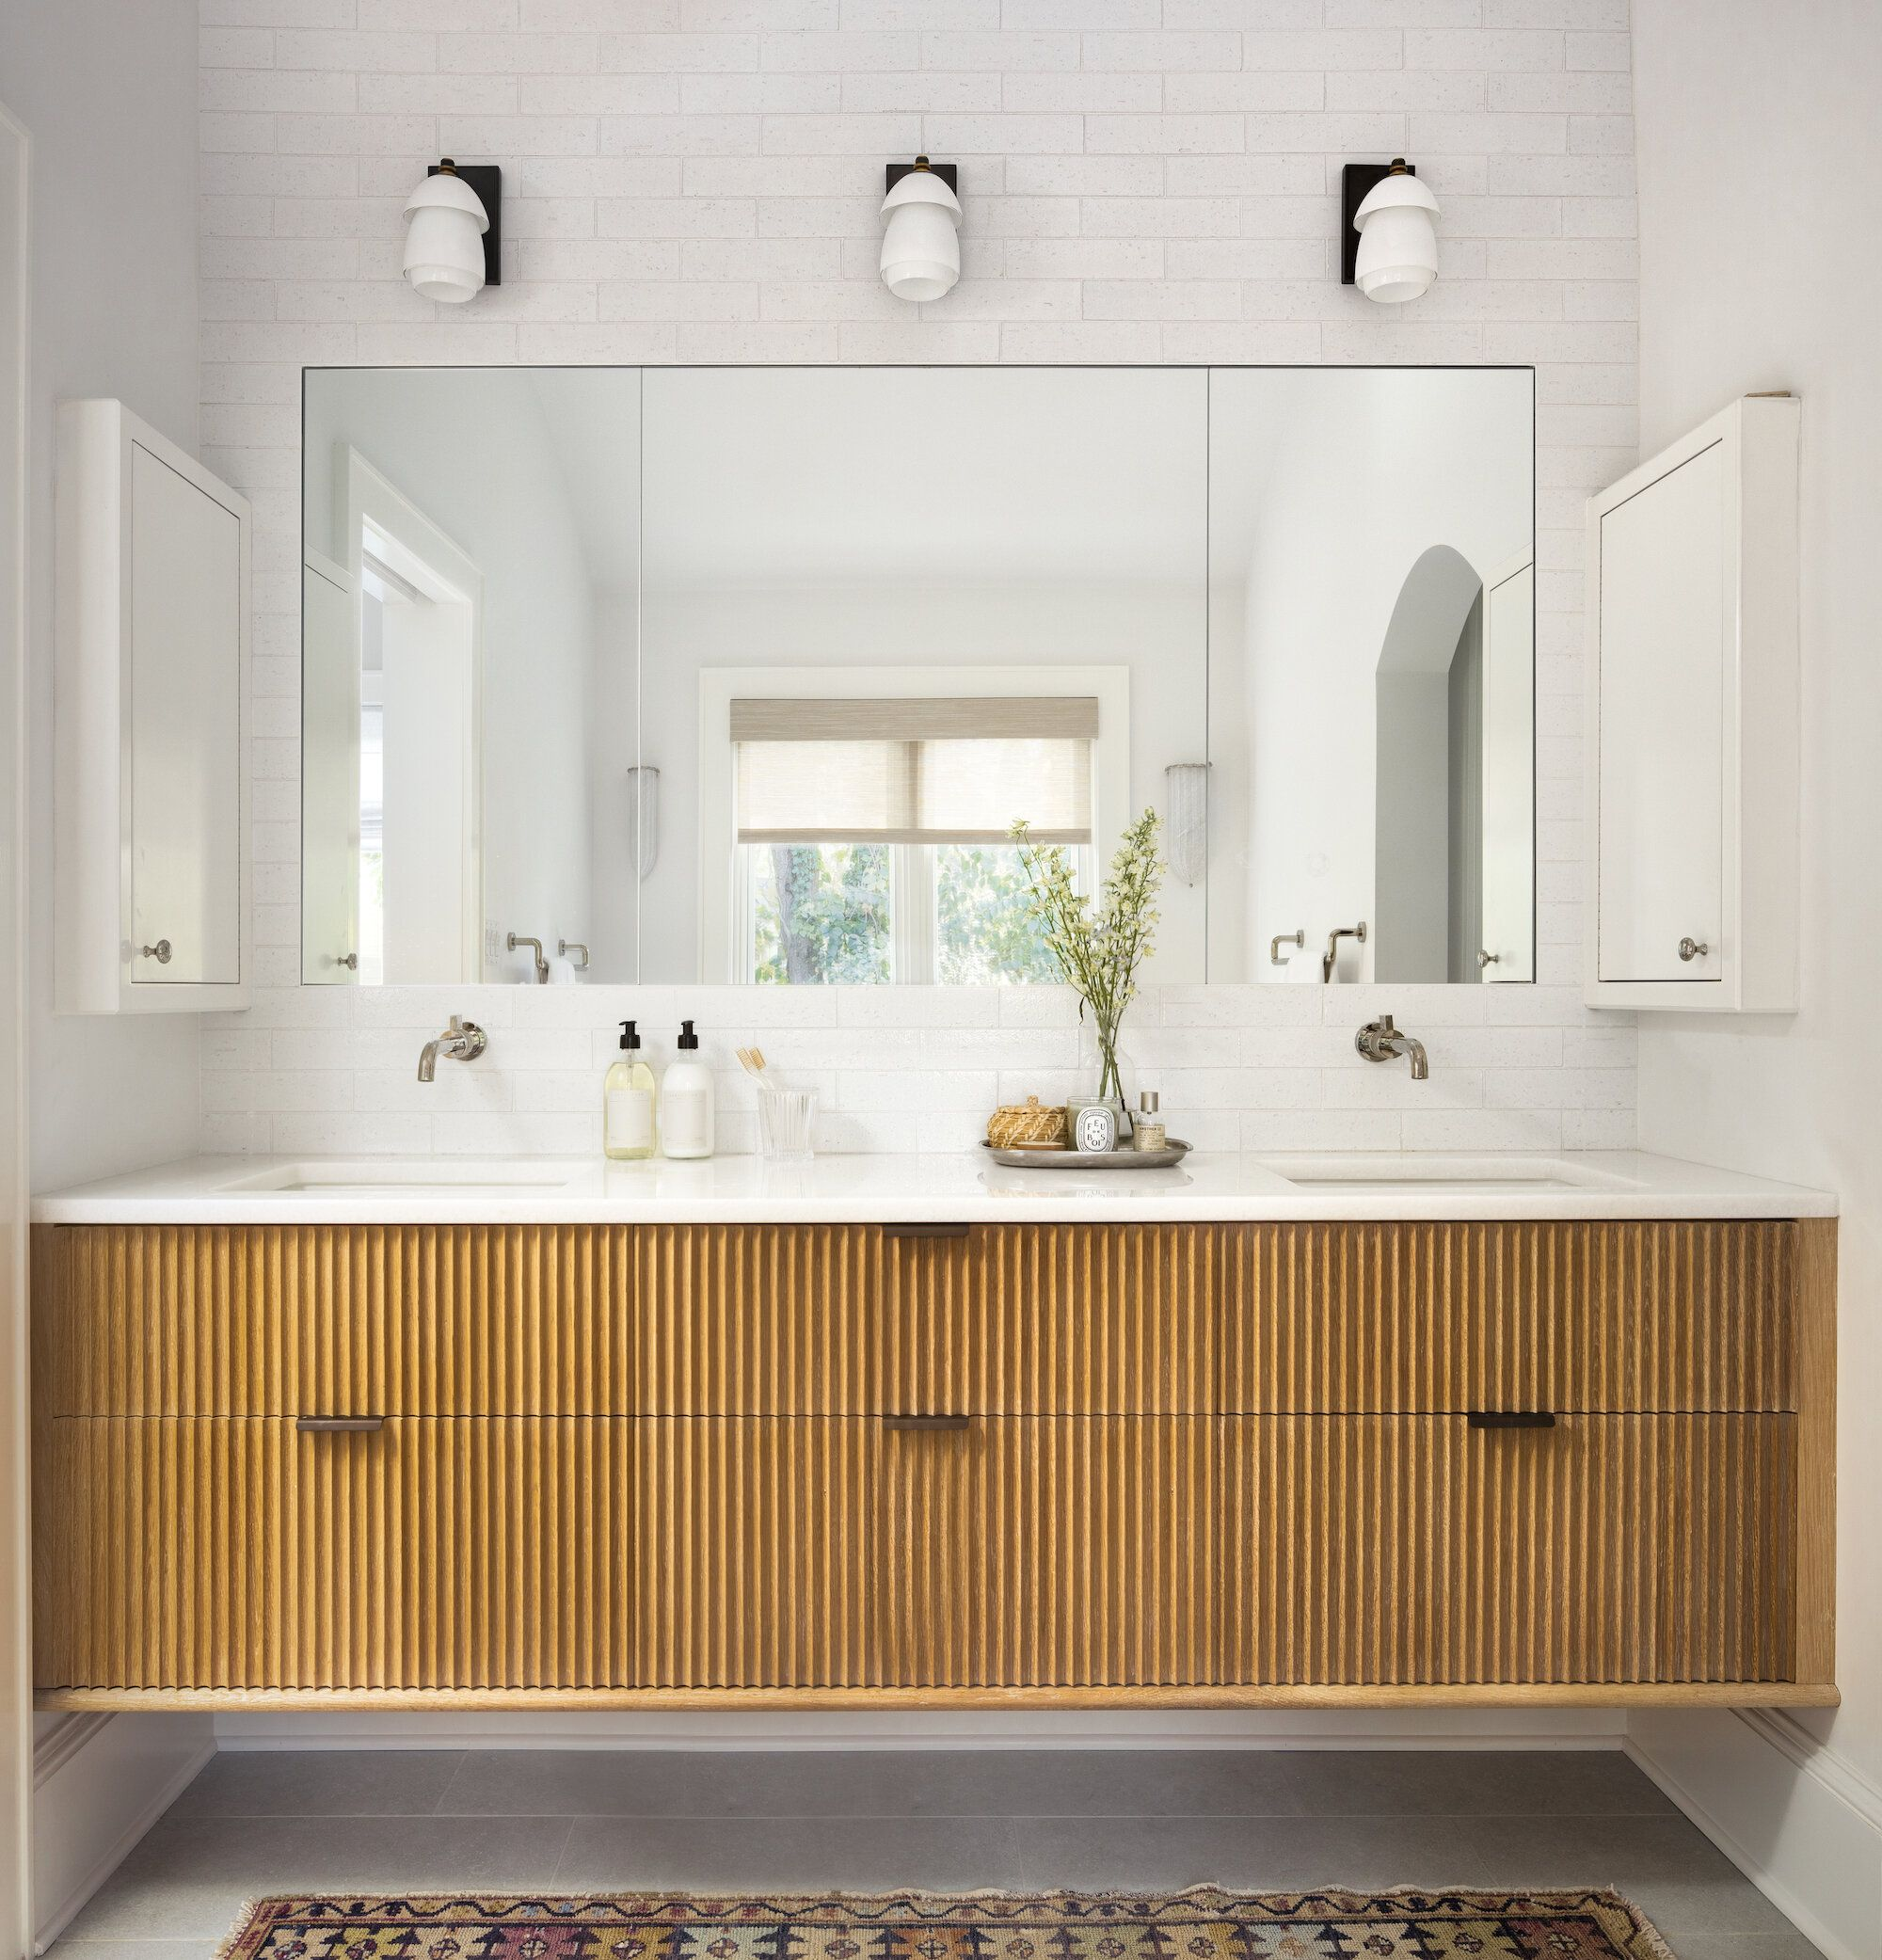 Kensington Ranch Bathroom Interior Bathroom Interior Design Master Bathroom Renovation [ 2083 x 2000 Pixel ]